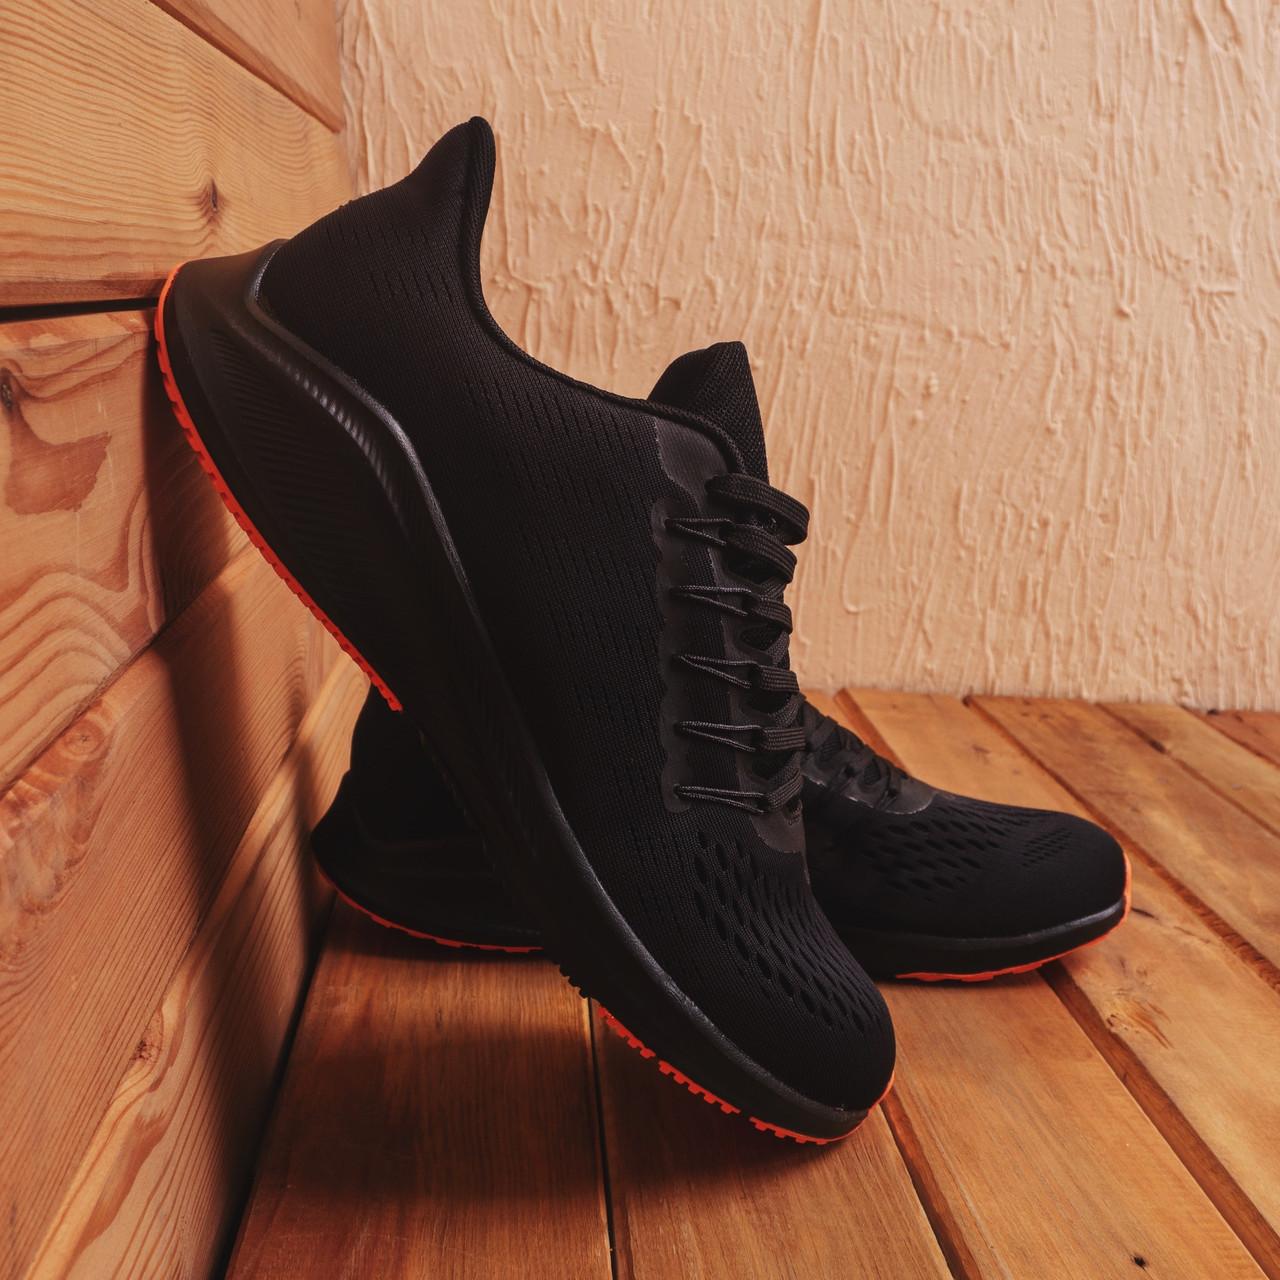 Чоловічі кросівки Стилі Заїр (чорні з помаранчевої підошвою)